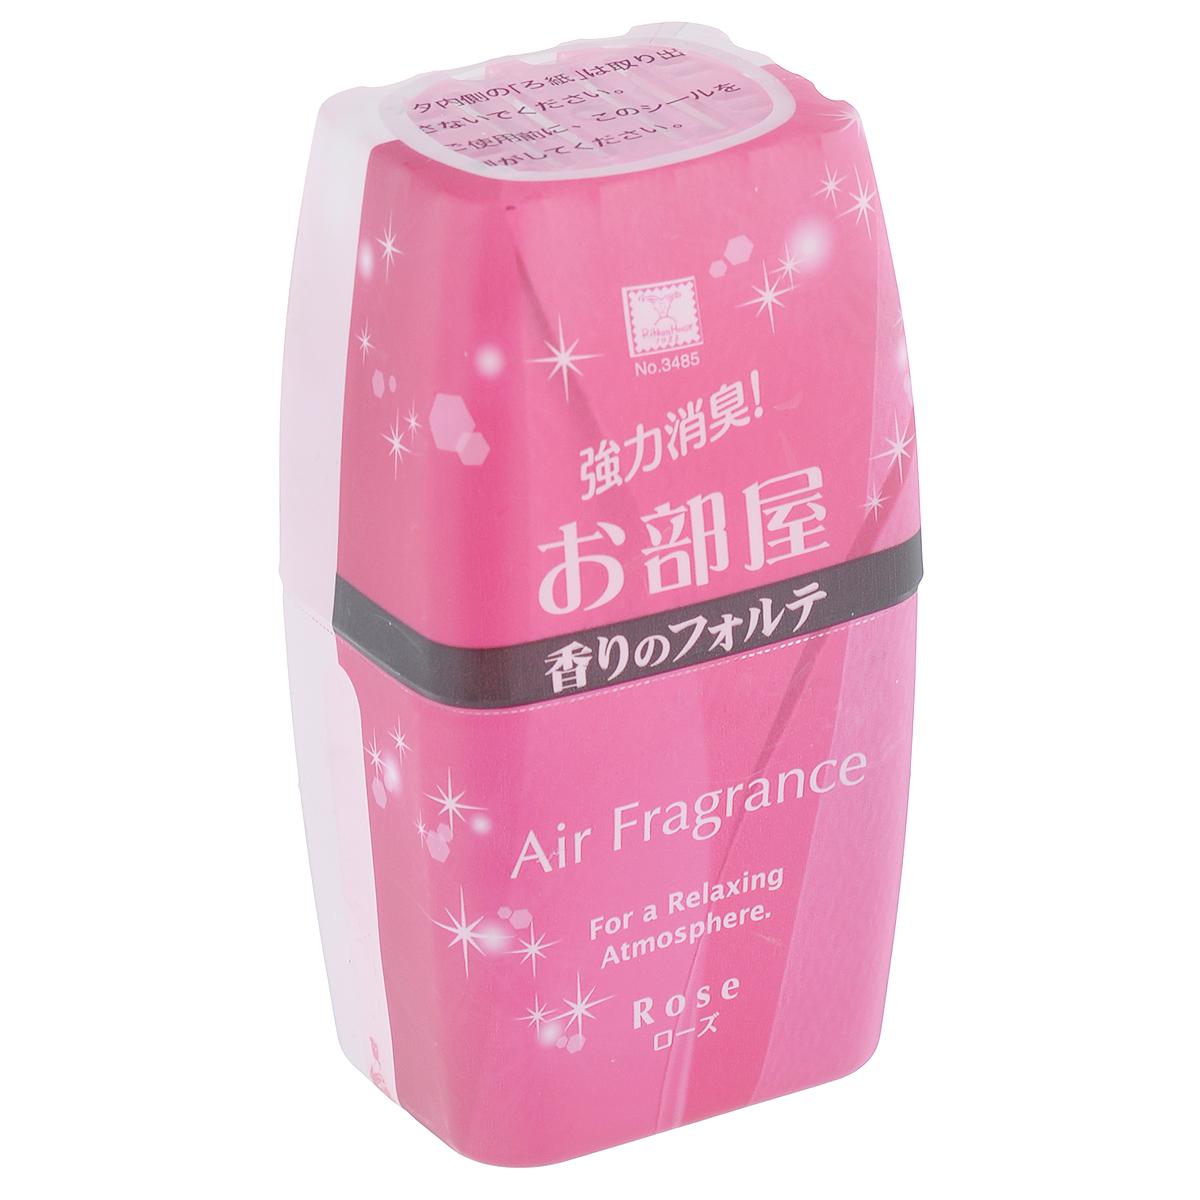 Фильтр посторонних запахов в комнате KOKUBO Air Fragrance, с ароматом розы, 200 мл21395599Фильтр посторонних запахов KOKUBO Air Fragrance с ароматом розы предназначен для устранения неприятного запаха в комнате. Дезодорирующие компоненты фильтра посторонних запахов легко и быстро распространяются по всему пространству помещения, активизируются при наличии в воздухе неприятных запахов, обволакивают и нейтрализуют их.Имеет универсальный дизайн, подходящий для любой комнаты. Безопасен в применении. Состав: дезодорант на жидкой основе, ПАВ (нейтрализаторы запаха), отдушка высокого качества, ПАВ (неионогенные < 5%, анионные < 2%).